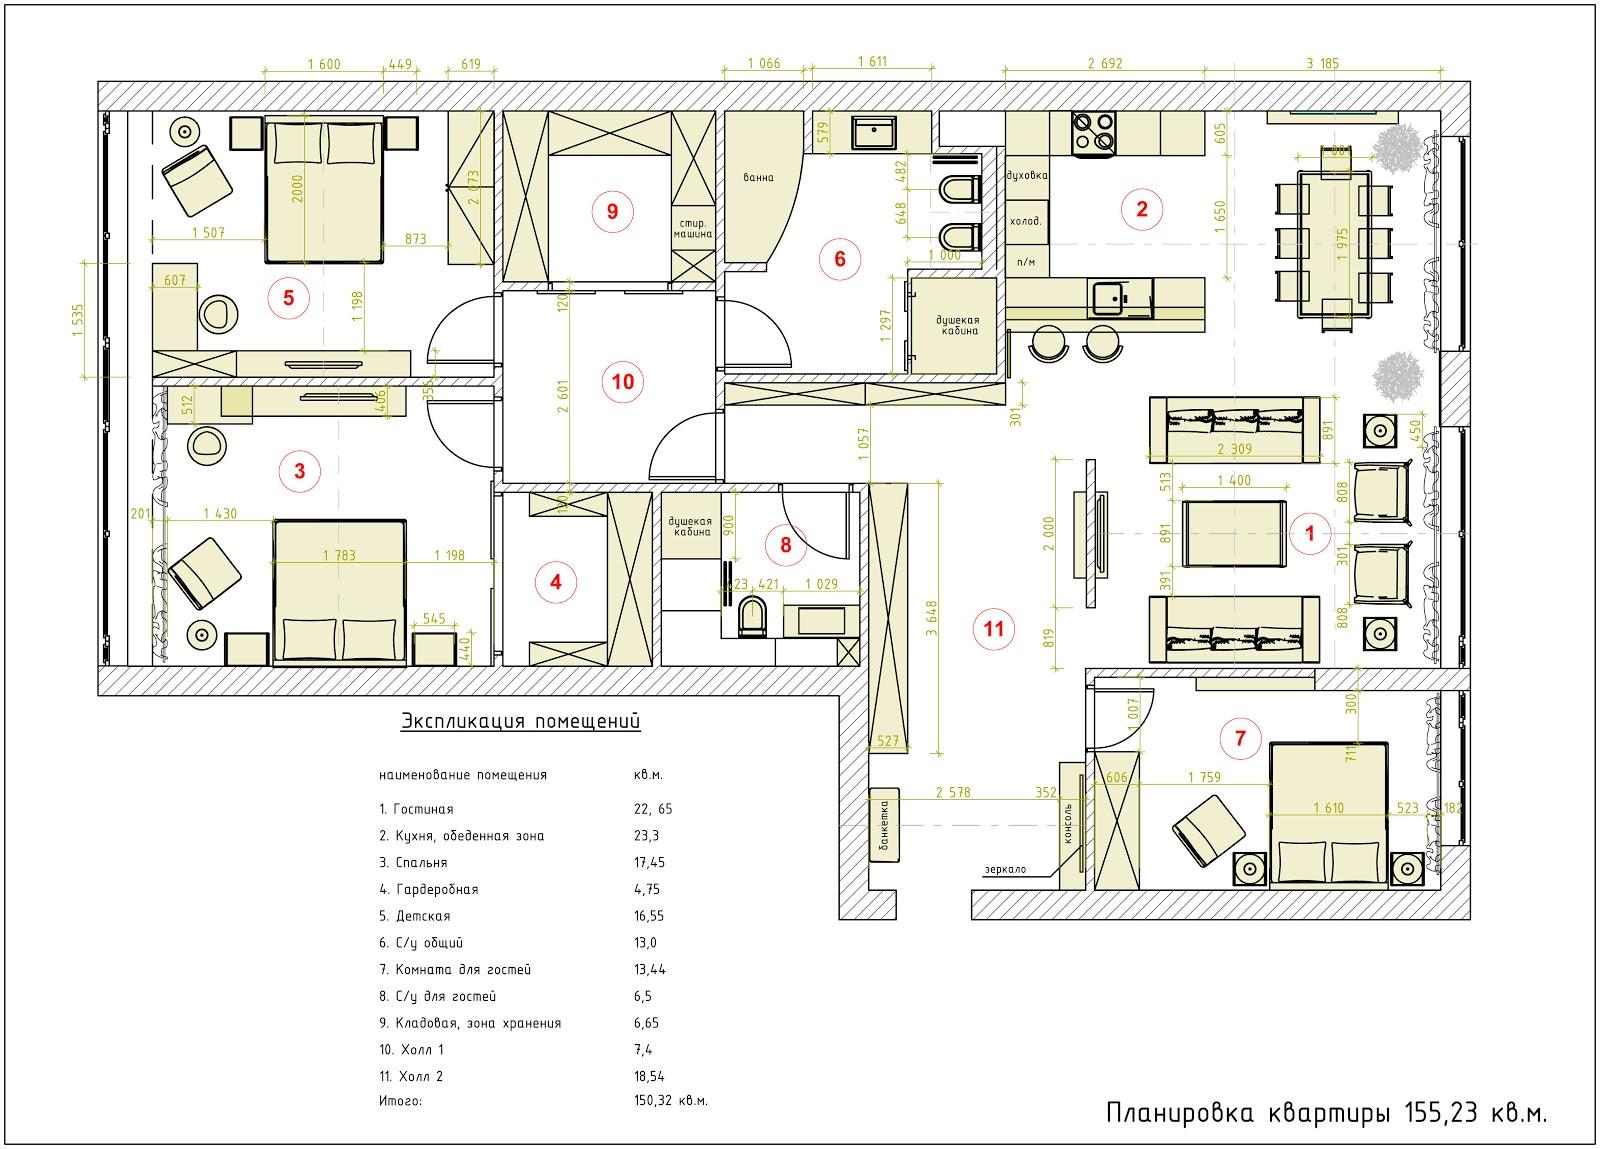 Дизайн офиса от компании ltvdesing в москве заказать проект .